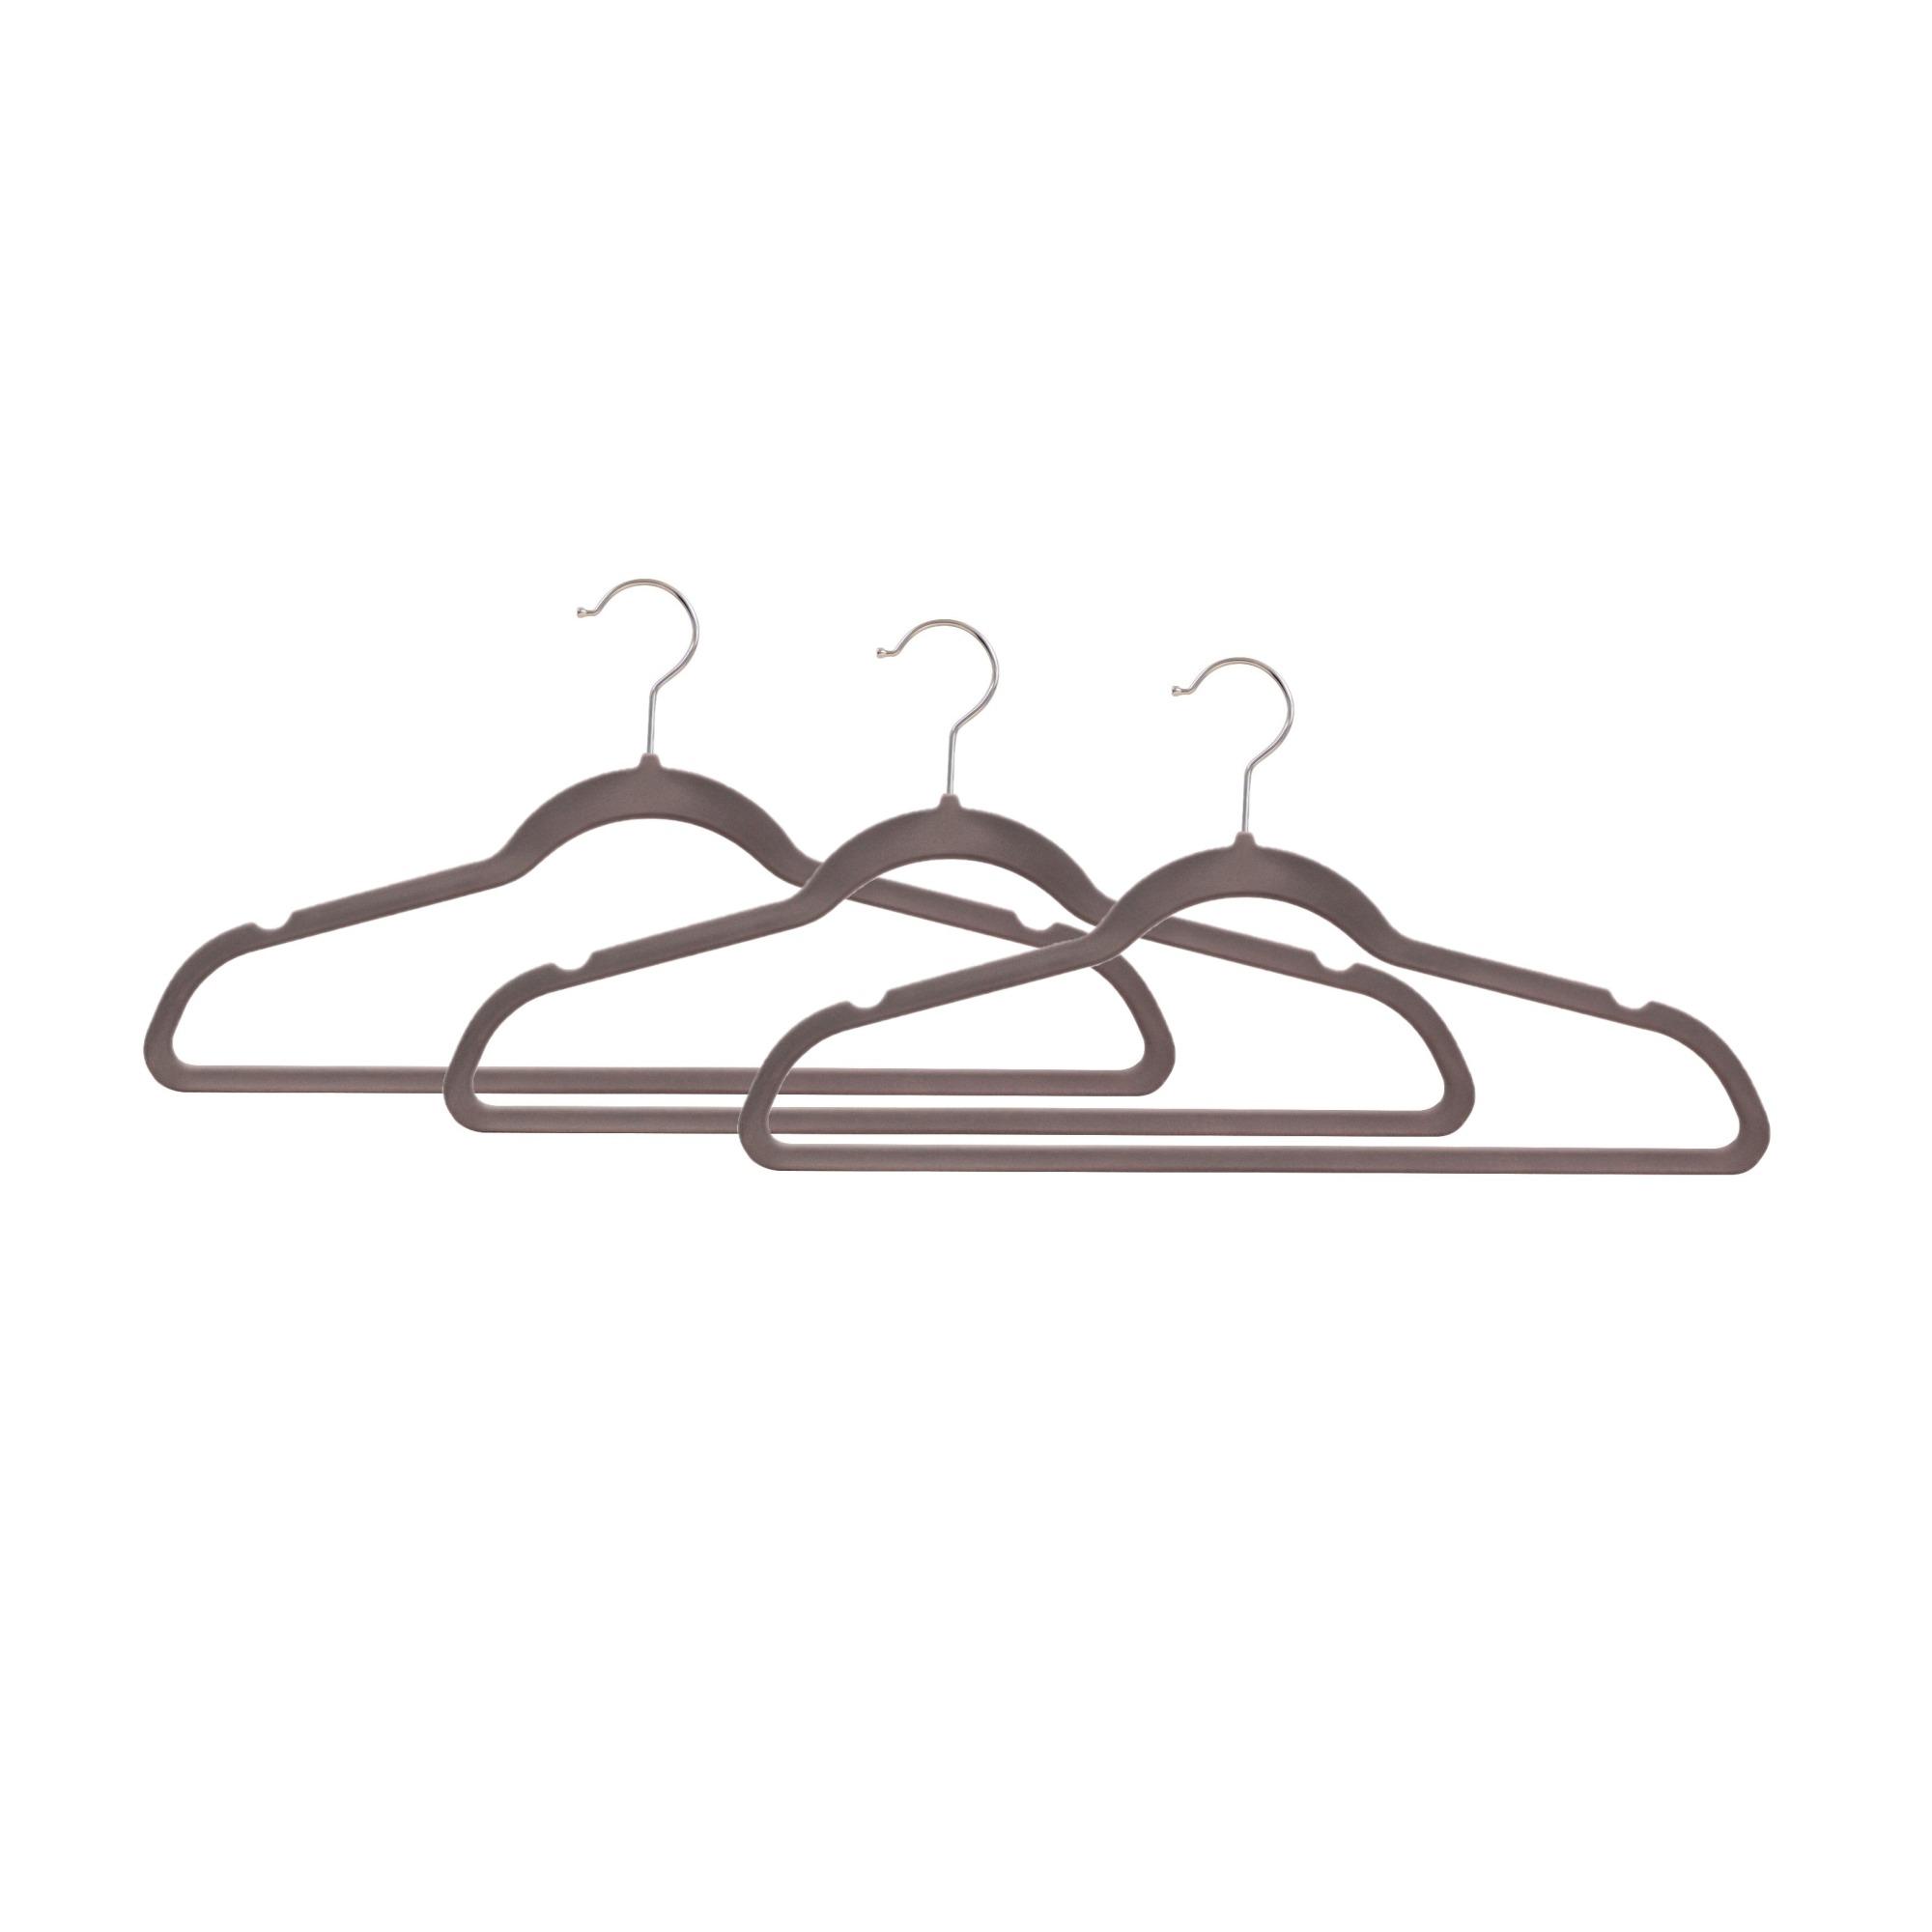 Kit de Cabides para Roupas Veludo 3 Unidades 45cm Cinza - Bianchini